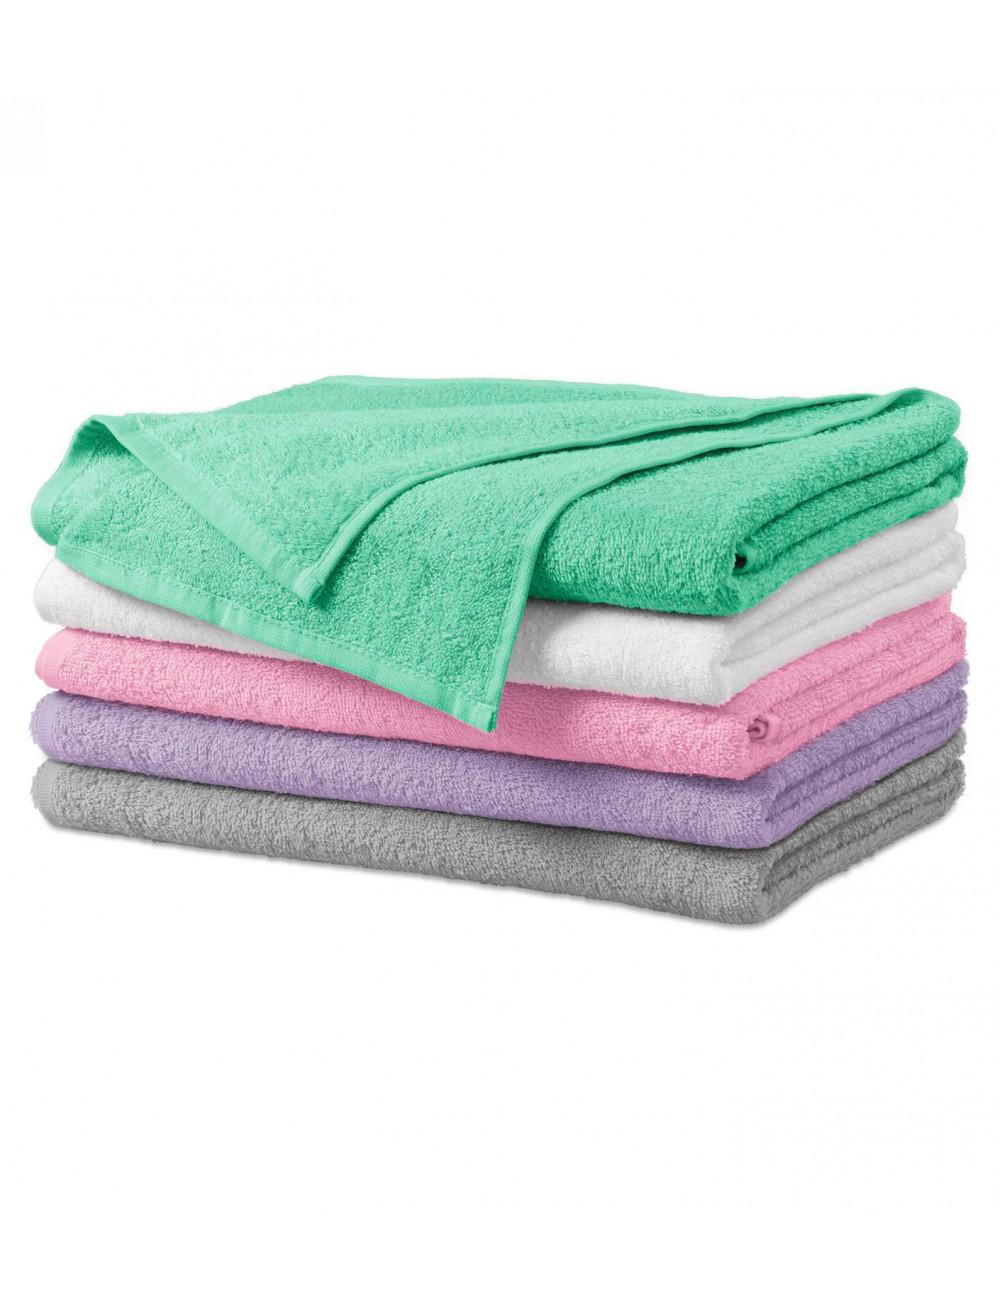 Adler MALFINI Ręcznik duży unisex Terry Bath Towel 909 miętowy